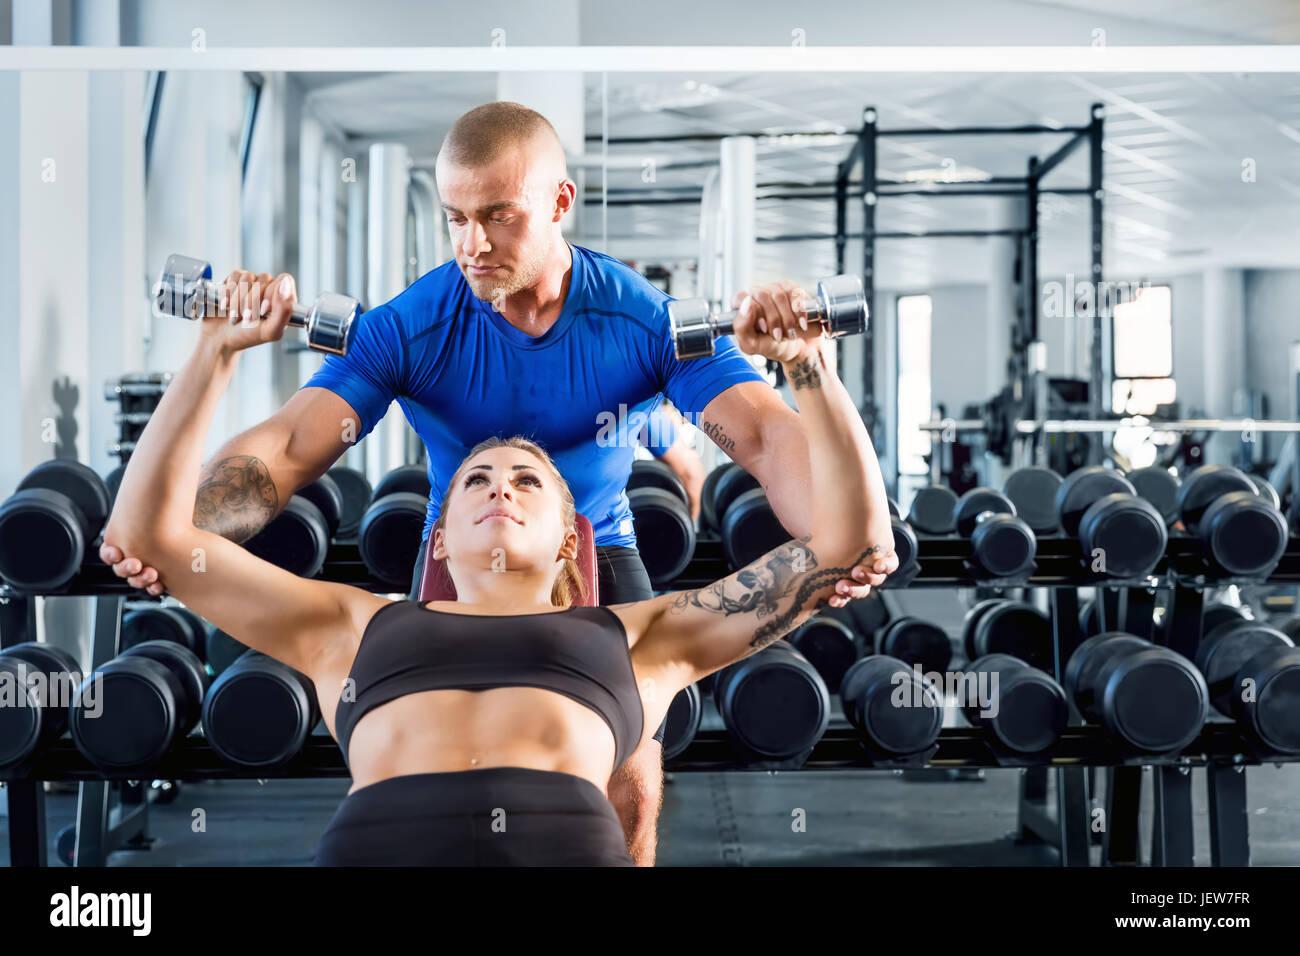 Corrige y entrenador personal mientras que motiva la formación de musculación en el gimnasio. Ayuda profesional Imagen De Stock